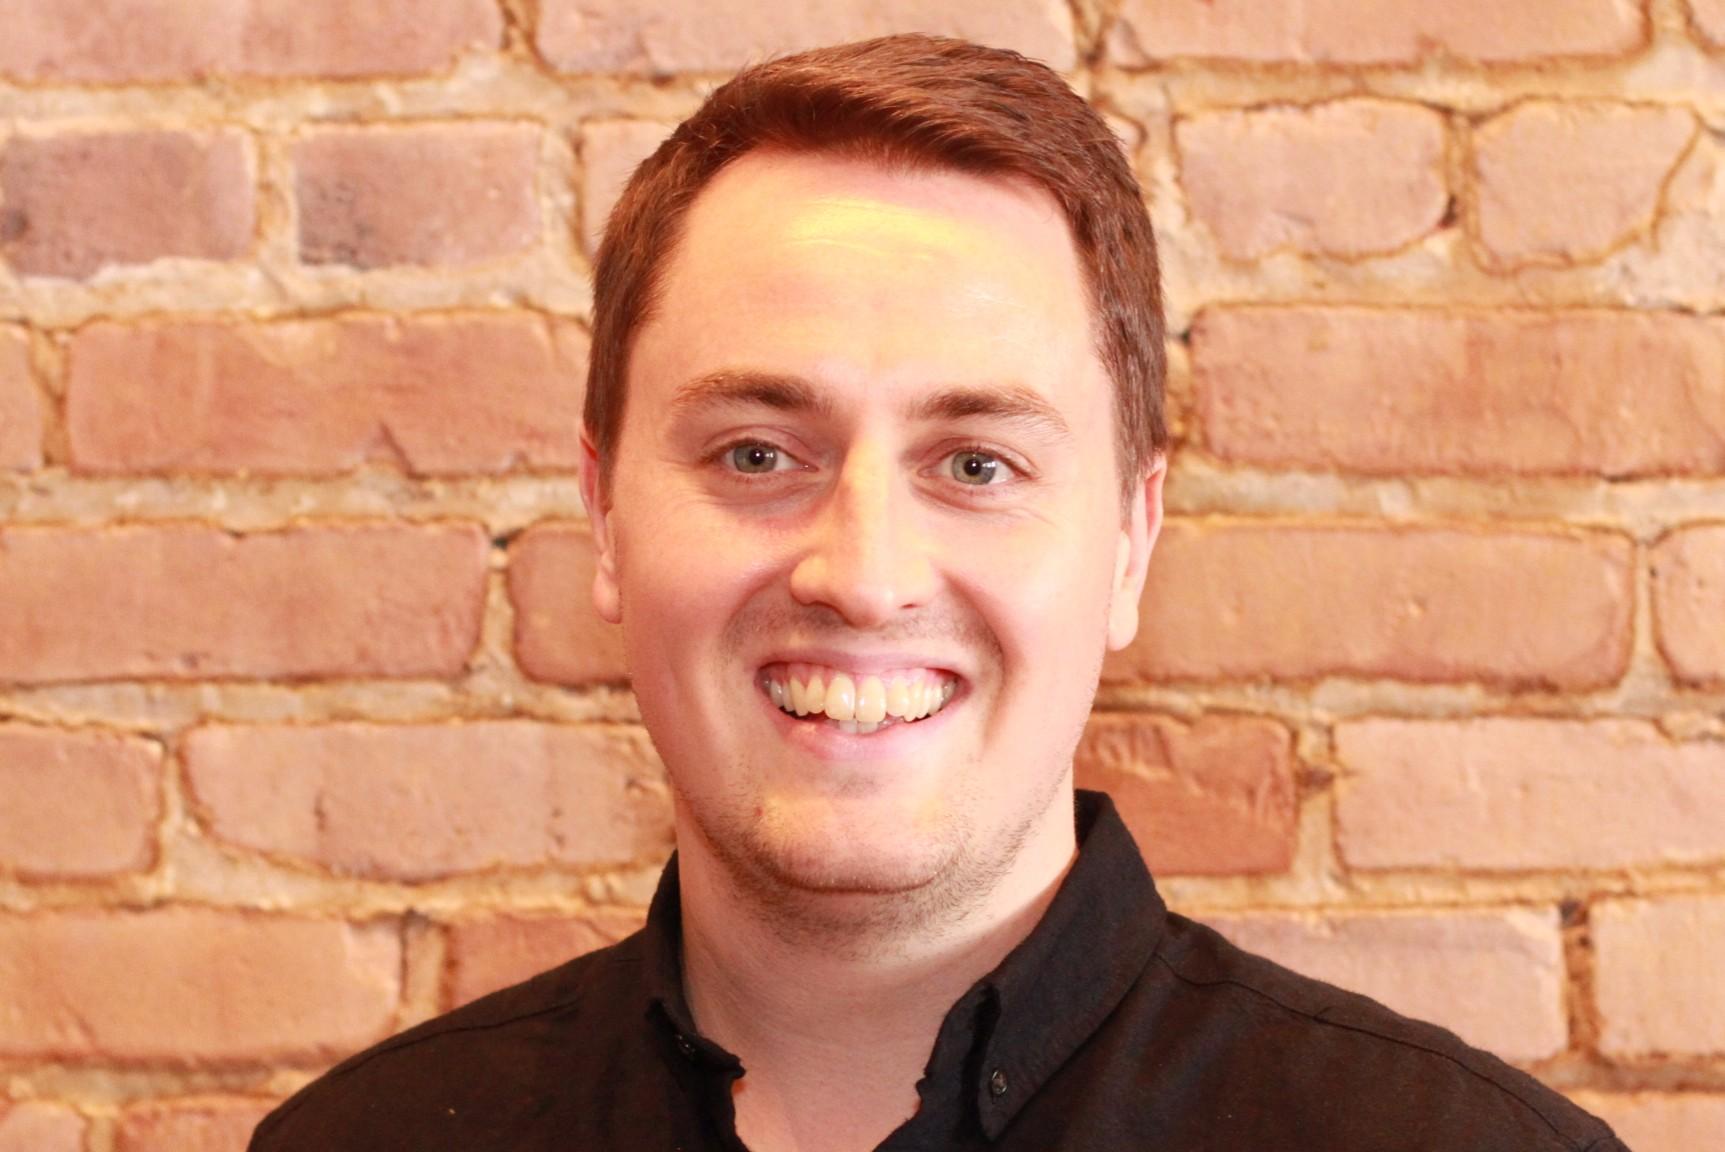 Joel Hughes - Head of UK and Europe, Indiegogo